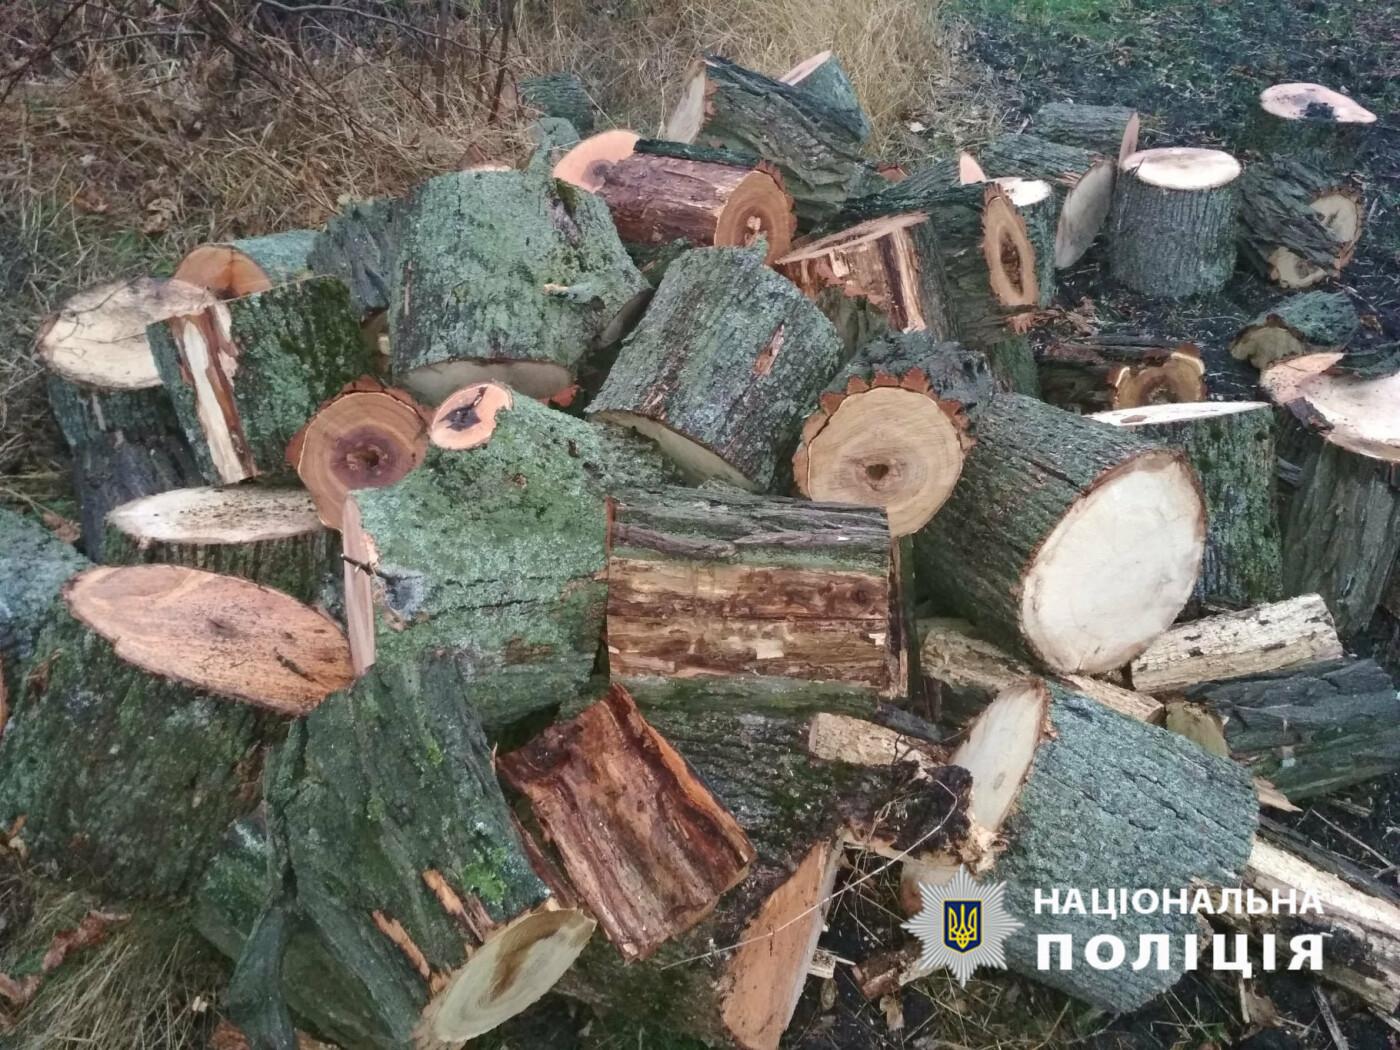 Поспилювали дерев на 109 тисяч гривень: на Лозівщині чоловіки незаконно рубали ліс, фото-2